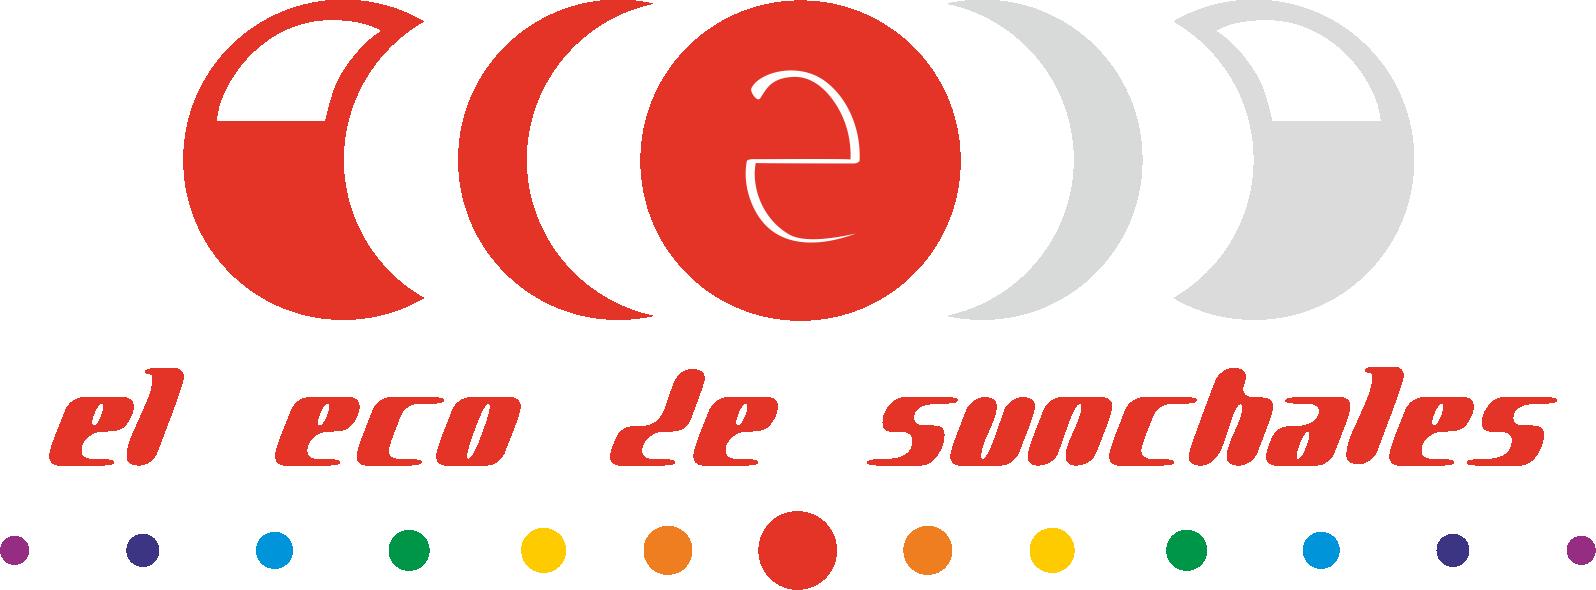 Diario El Eco de Sunchales | Las noticias de Sunchales y la región